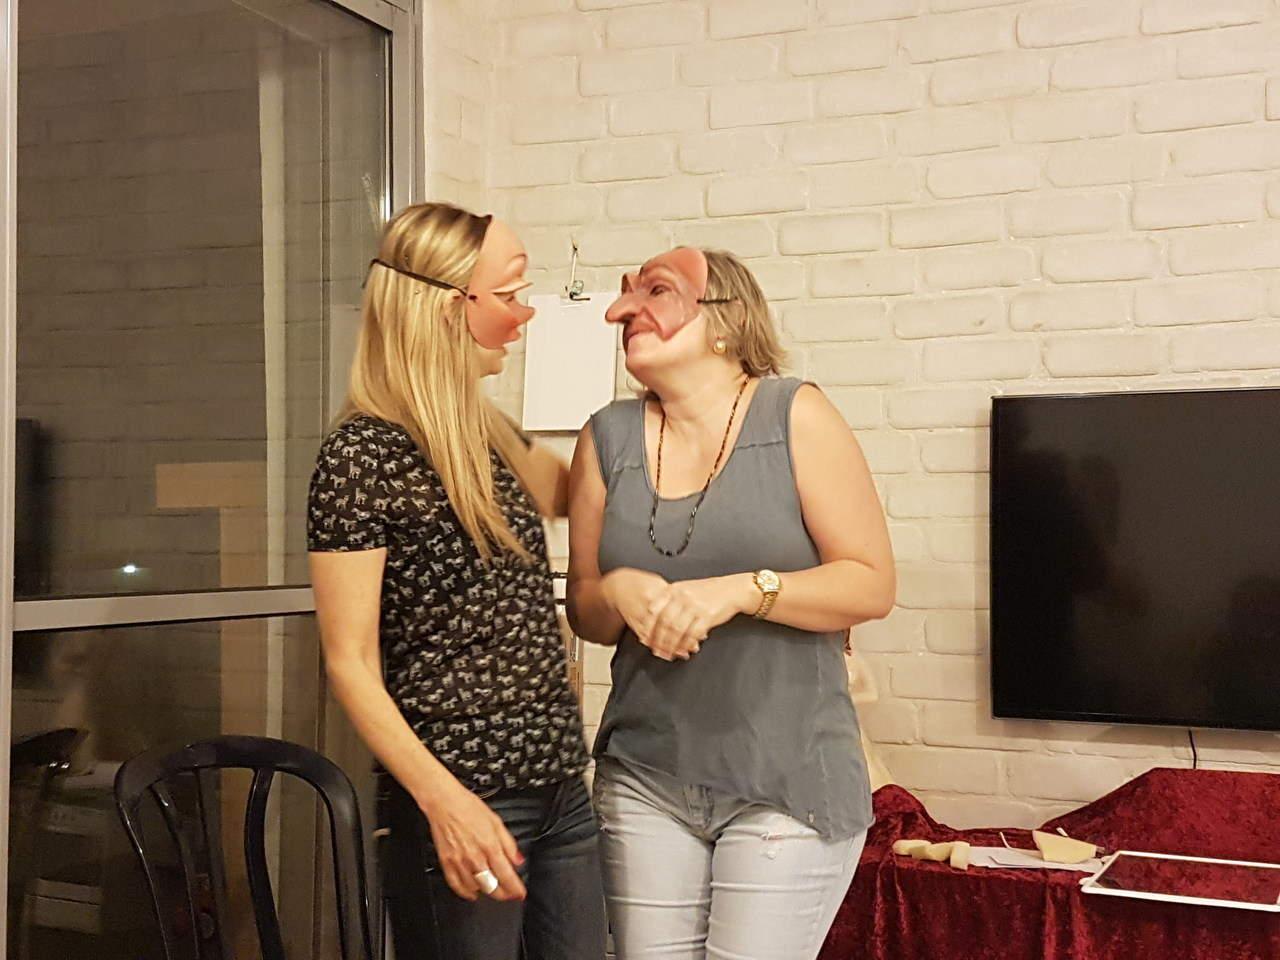 שתי נשים חובשות מסכות תאטרון שונות בסימולציה מתוך הסדנה מאחורי המסכה- מתוך האתר של דליה סגל מנחת קבוצות